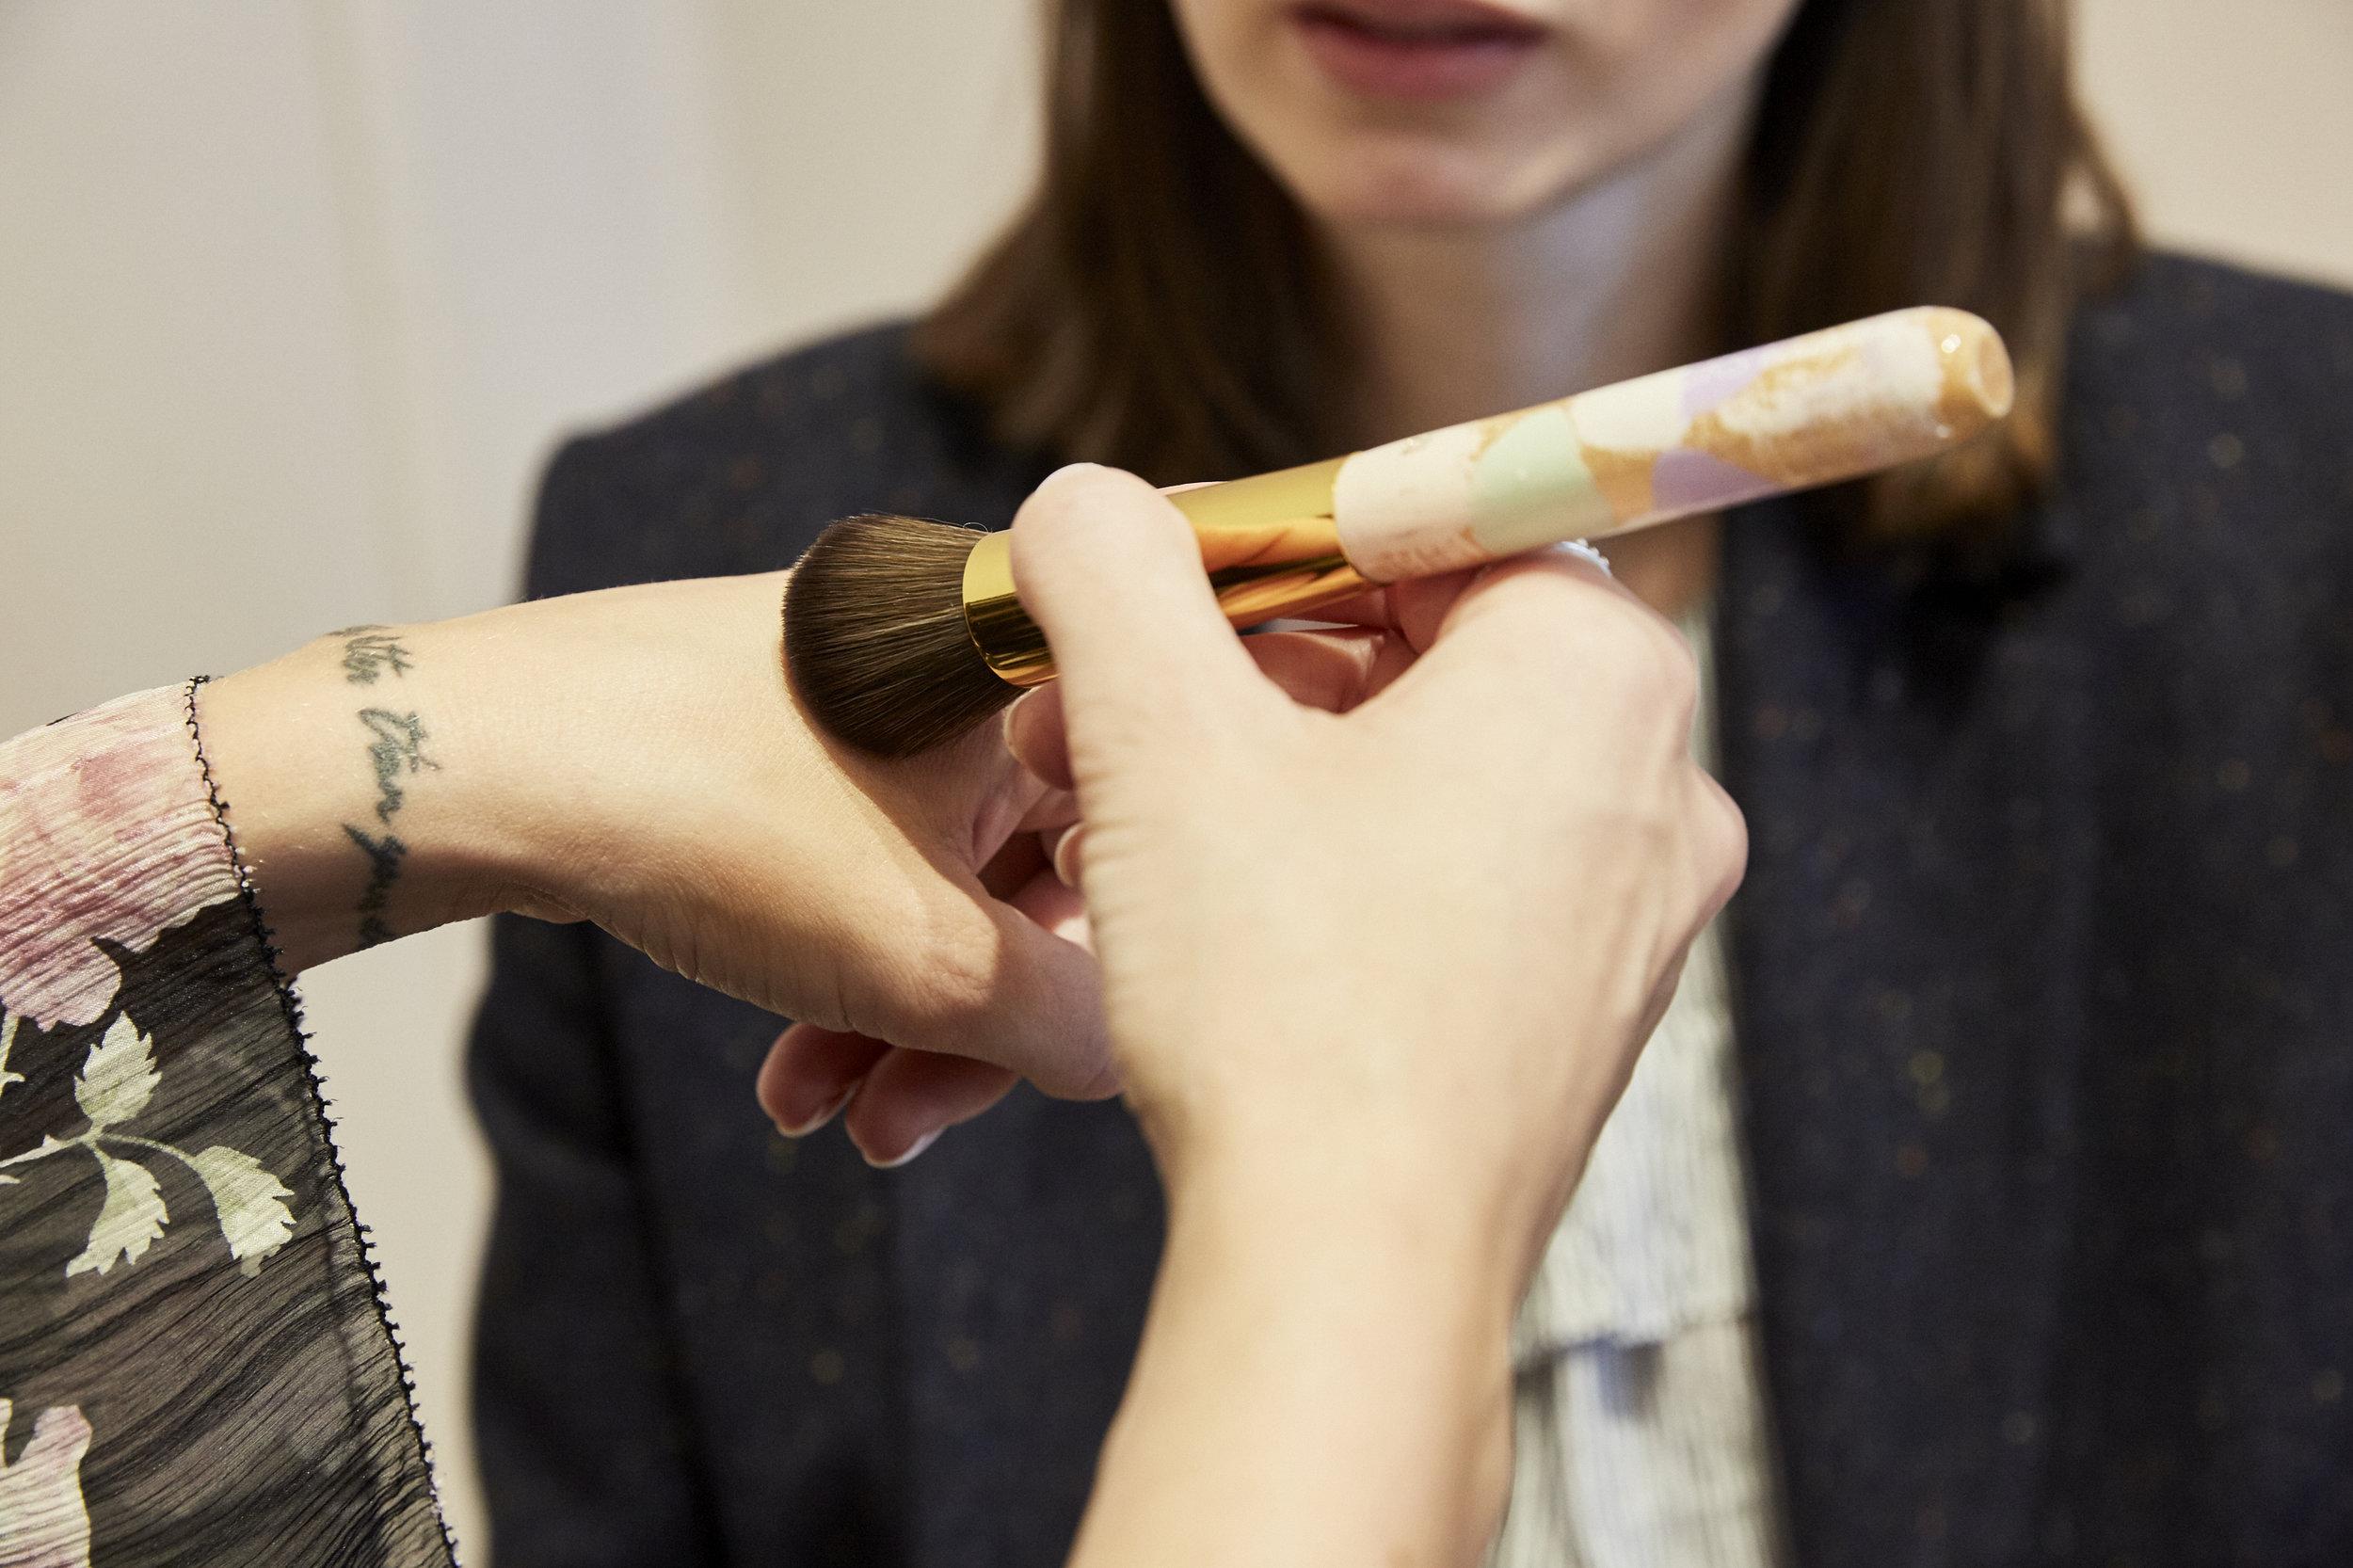 DAS MAKE-UP - Carolin benutzt am liebsten flüssige Foundation, der Nachteil ist, dass diese schmiert, wenn man sie mit den Fingern aufträgt. Gerade wenn man unterwegs ist, möchte man keine dreckigen Pfoten haben. Also ist der beste Tipp immer:ein Foundation-Pinsel in der Tasche. Damit geht es am schnellsten und es entstehen keine Flecken. Man kann den Pinsel auch für Puder benutzen. Durch das synthetische Haar saugt er nicht so viel Produkt auf wie bei Echthaar und der Teint sieht auch mit wenig Make-up sehr ebenmäßig aus.